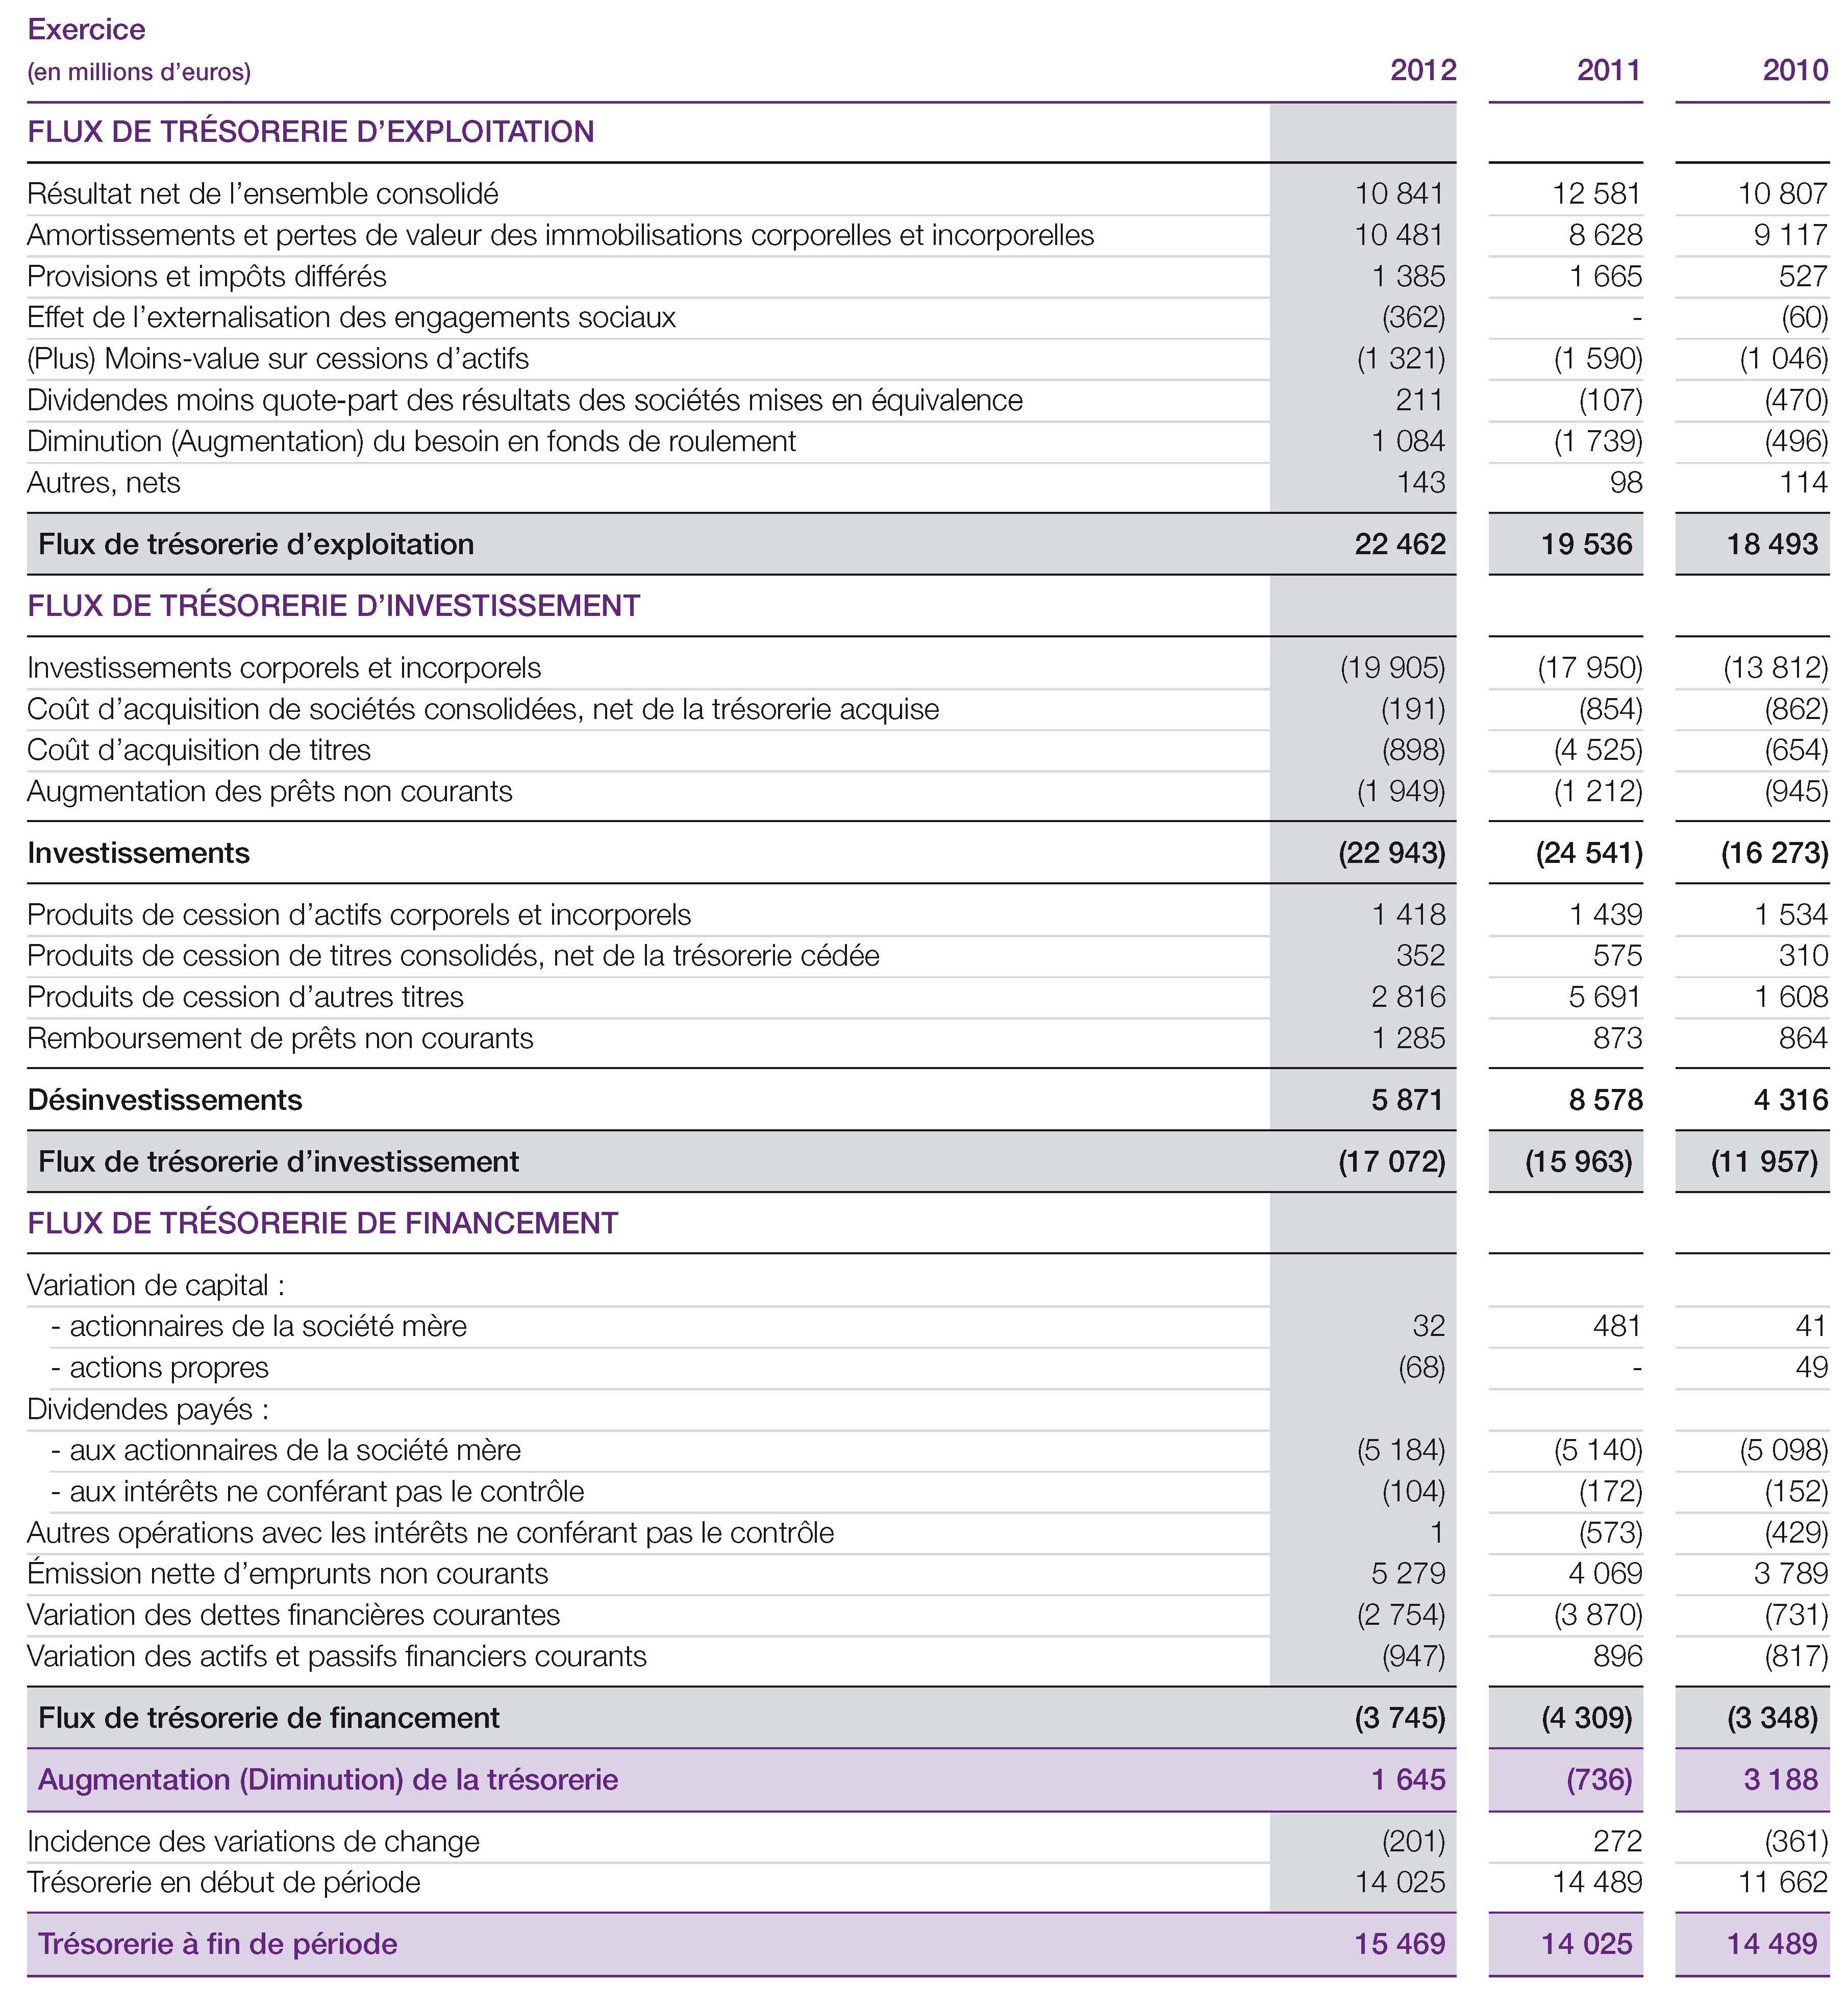 Tableau De Flux De Tresorerie Consolide Comptes Consolides Document De Reference 2012